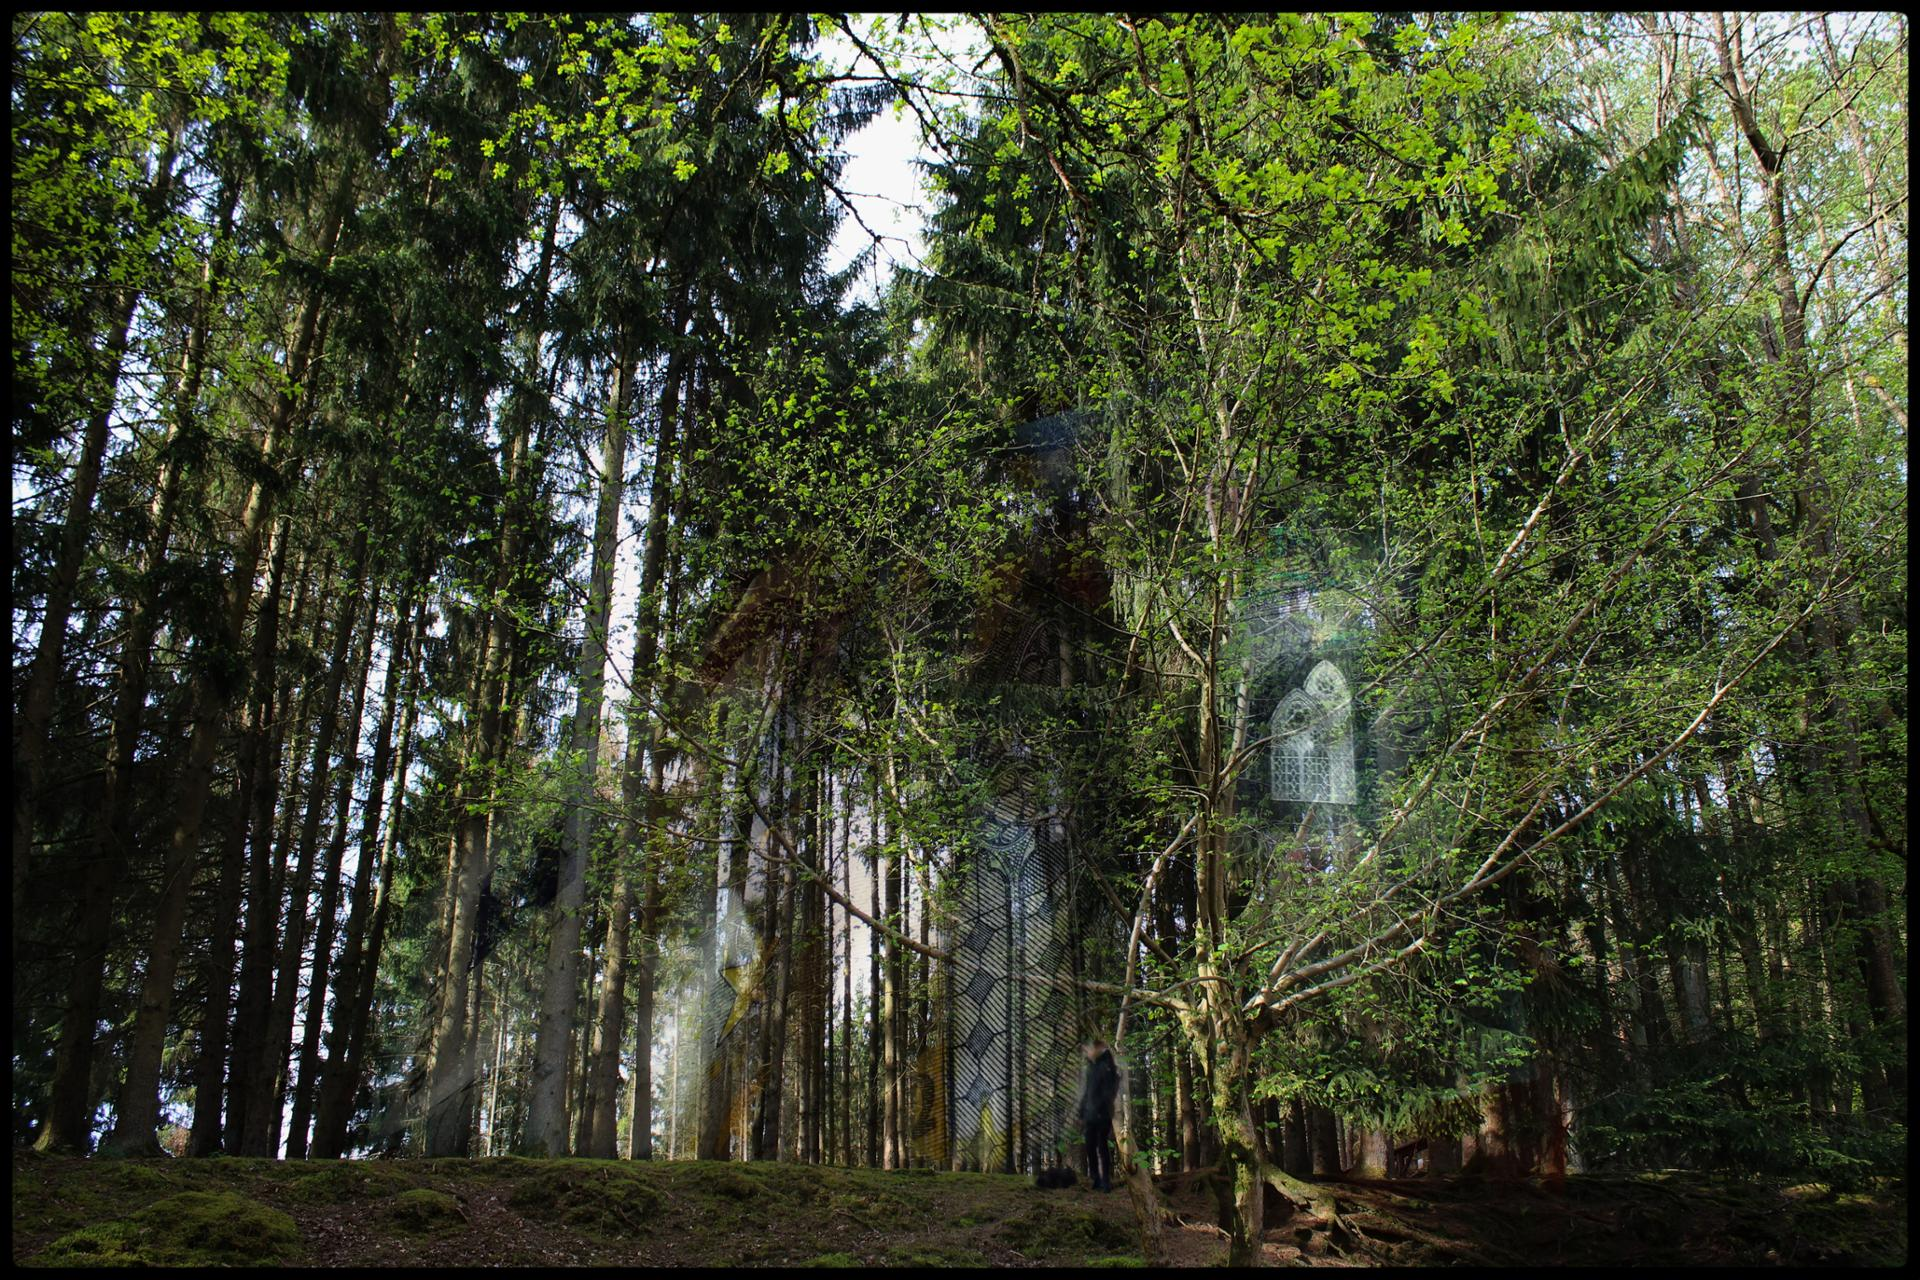 Etoile dans la forêt